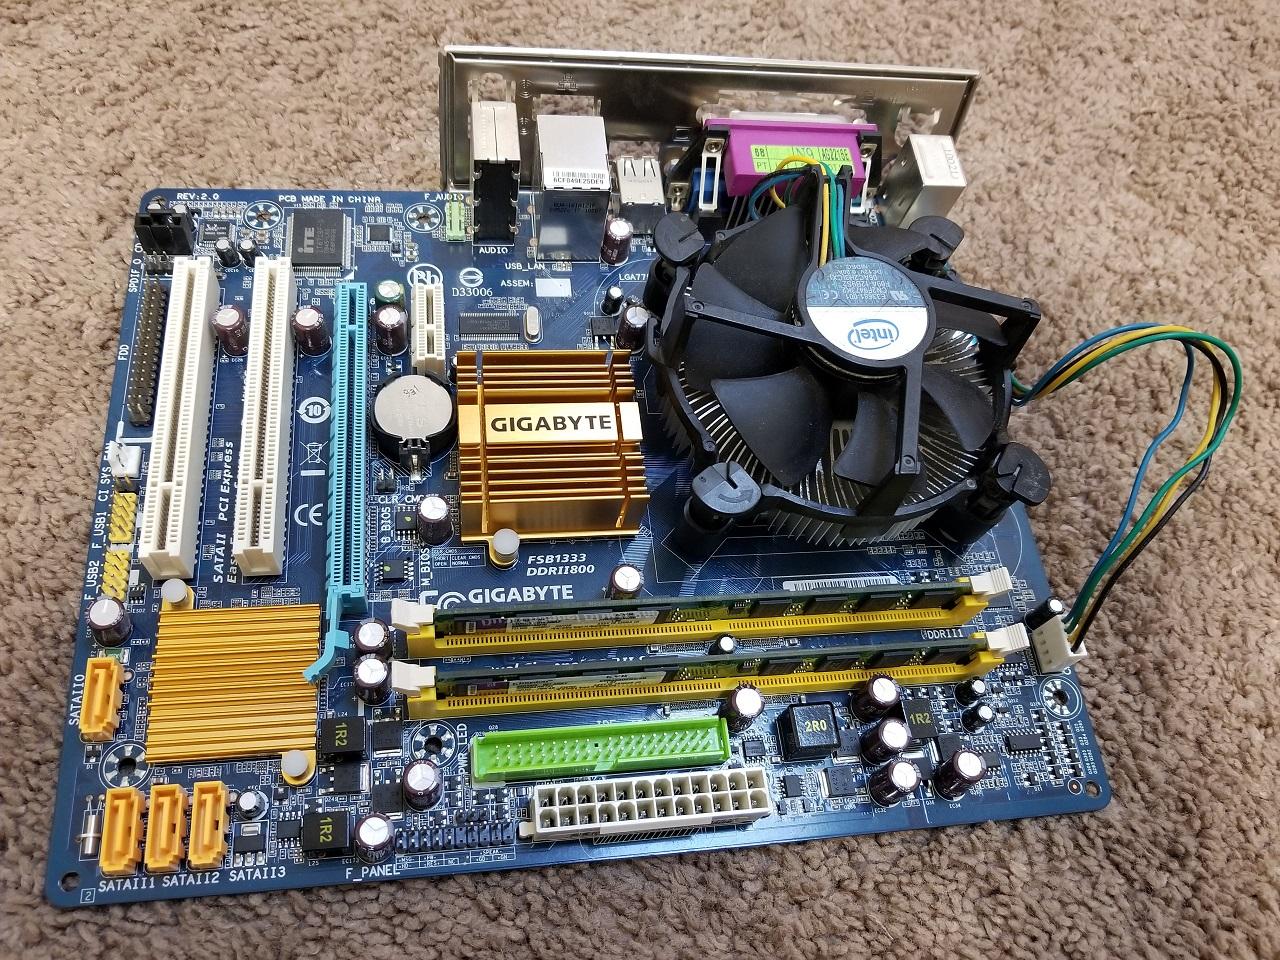 Gigabyte GA-G31M-ES2C Motherboard + CPU + Memory + Cooling Combo | Hernandez AffordableProducts